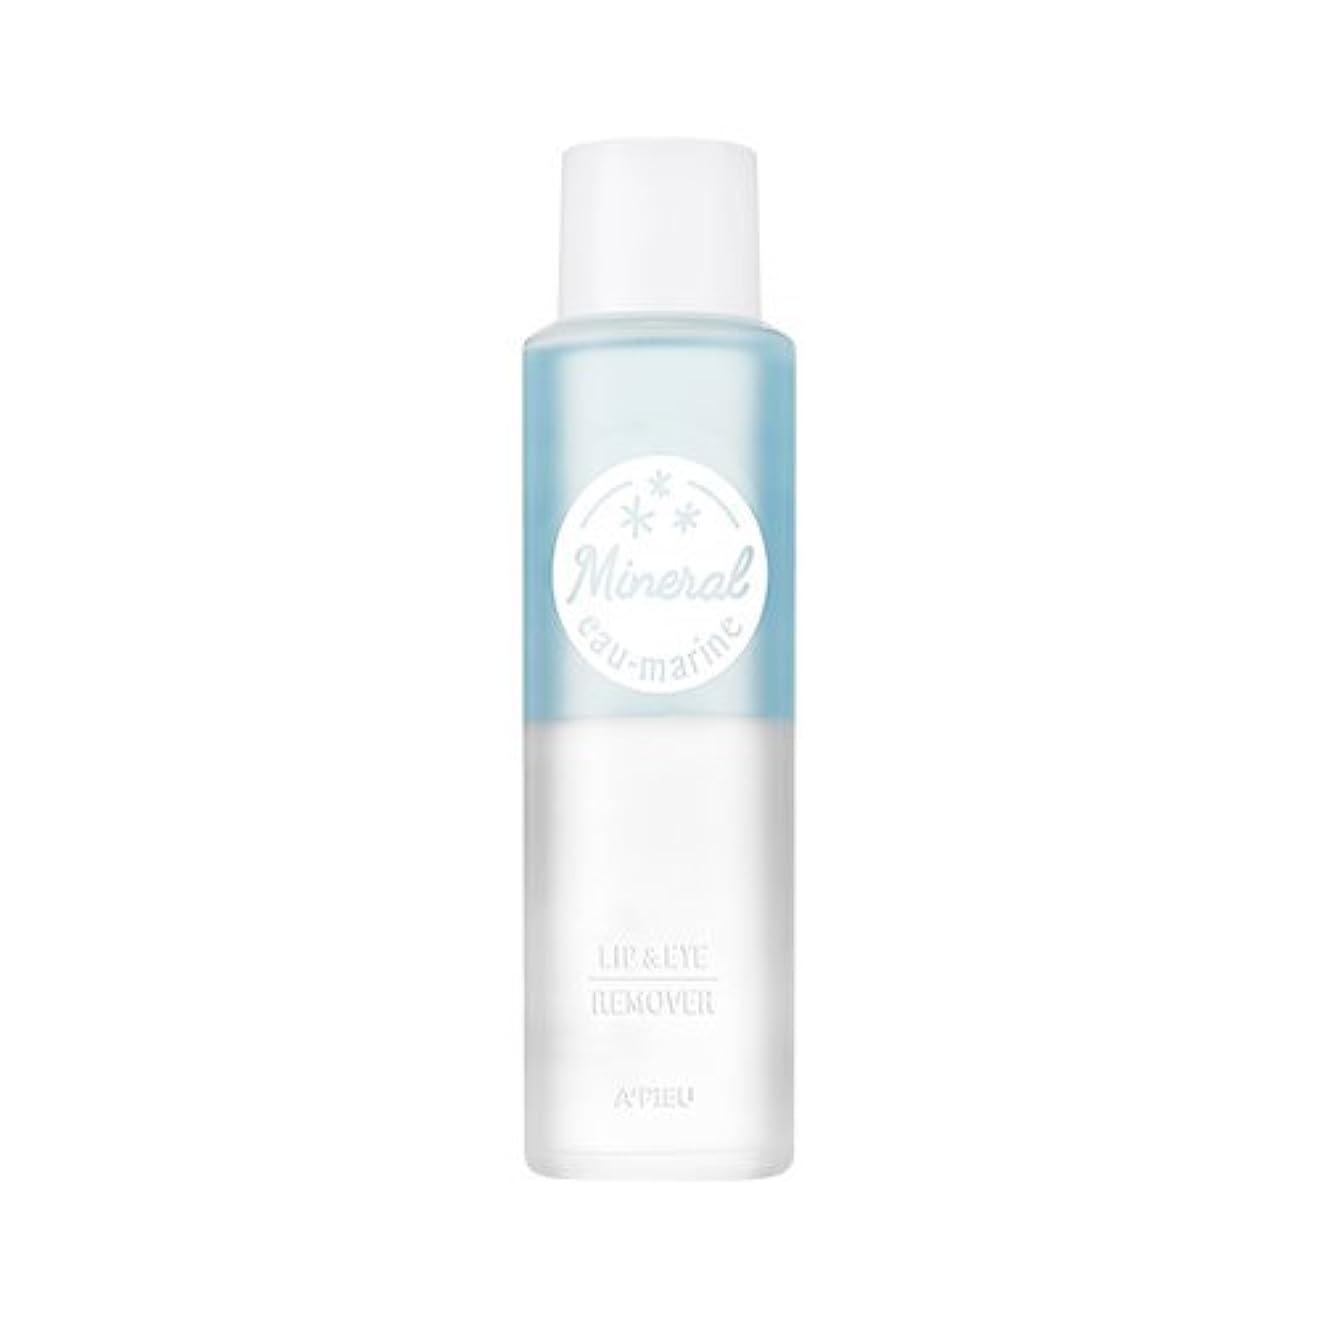 ブランチママ目を覚ますAPIEU Mineral Lip and Eye Make Up Remover 250ml (eau-marine) / アピュ ミネラル リップ?アイ メイクアップ リムーバー(大容量) [並行輸入品]